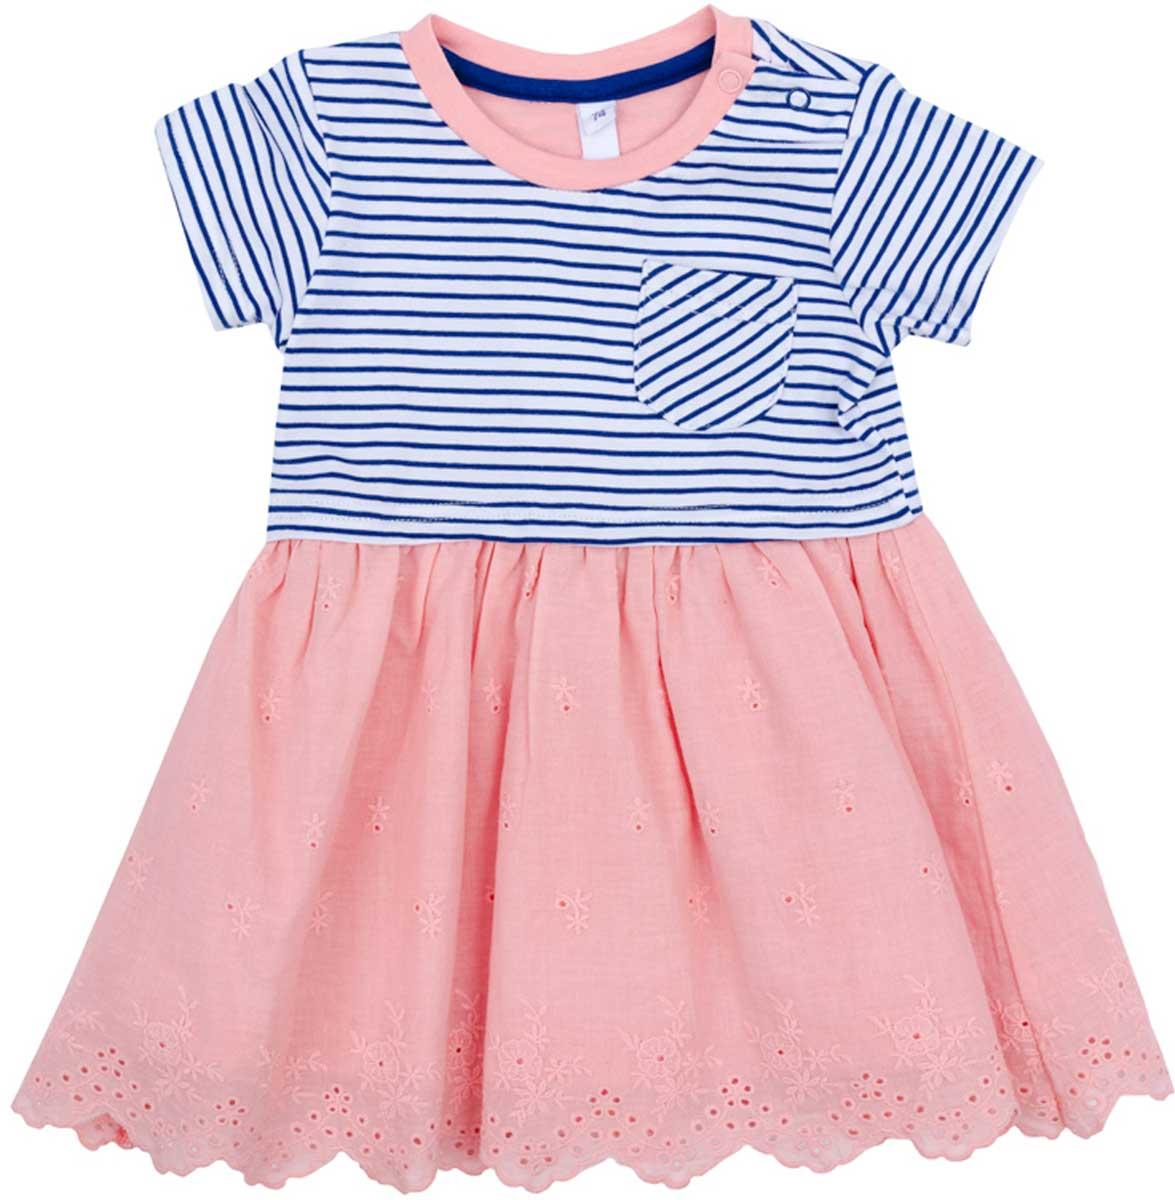 Платье для девочки PlayToday, цвет: розовый, серый, белый. 178060. Размер 92178060Платье PlayToday, отрезное по талии, с округлым вырезом у горловины, понравится вашей моднице. Свободный крой не сковывает движений. Приятная на ощупь ткань не раздражает нежную кожу ребенка. Модель декорирована небольшим аккуратным карманом.